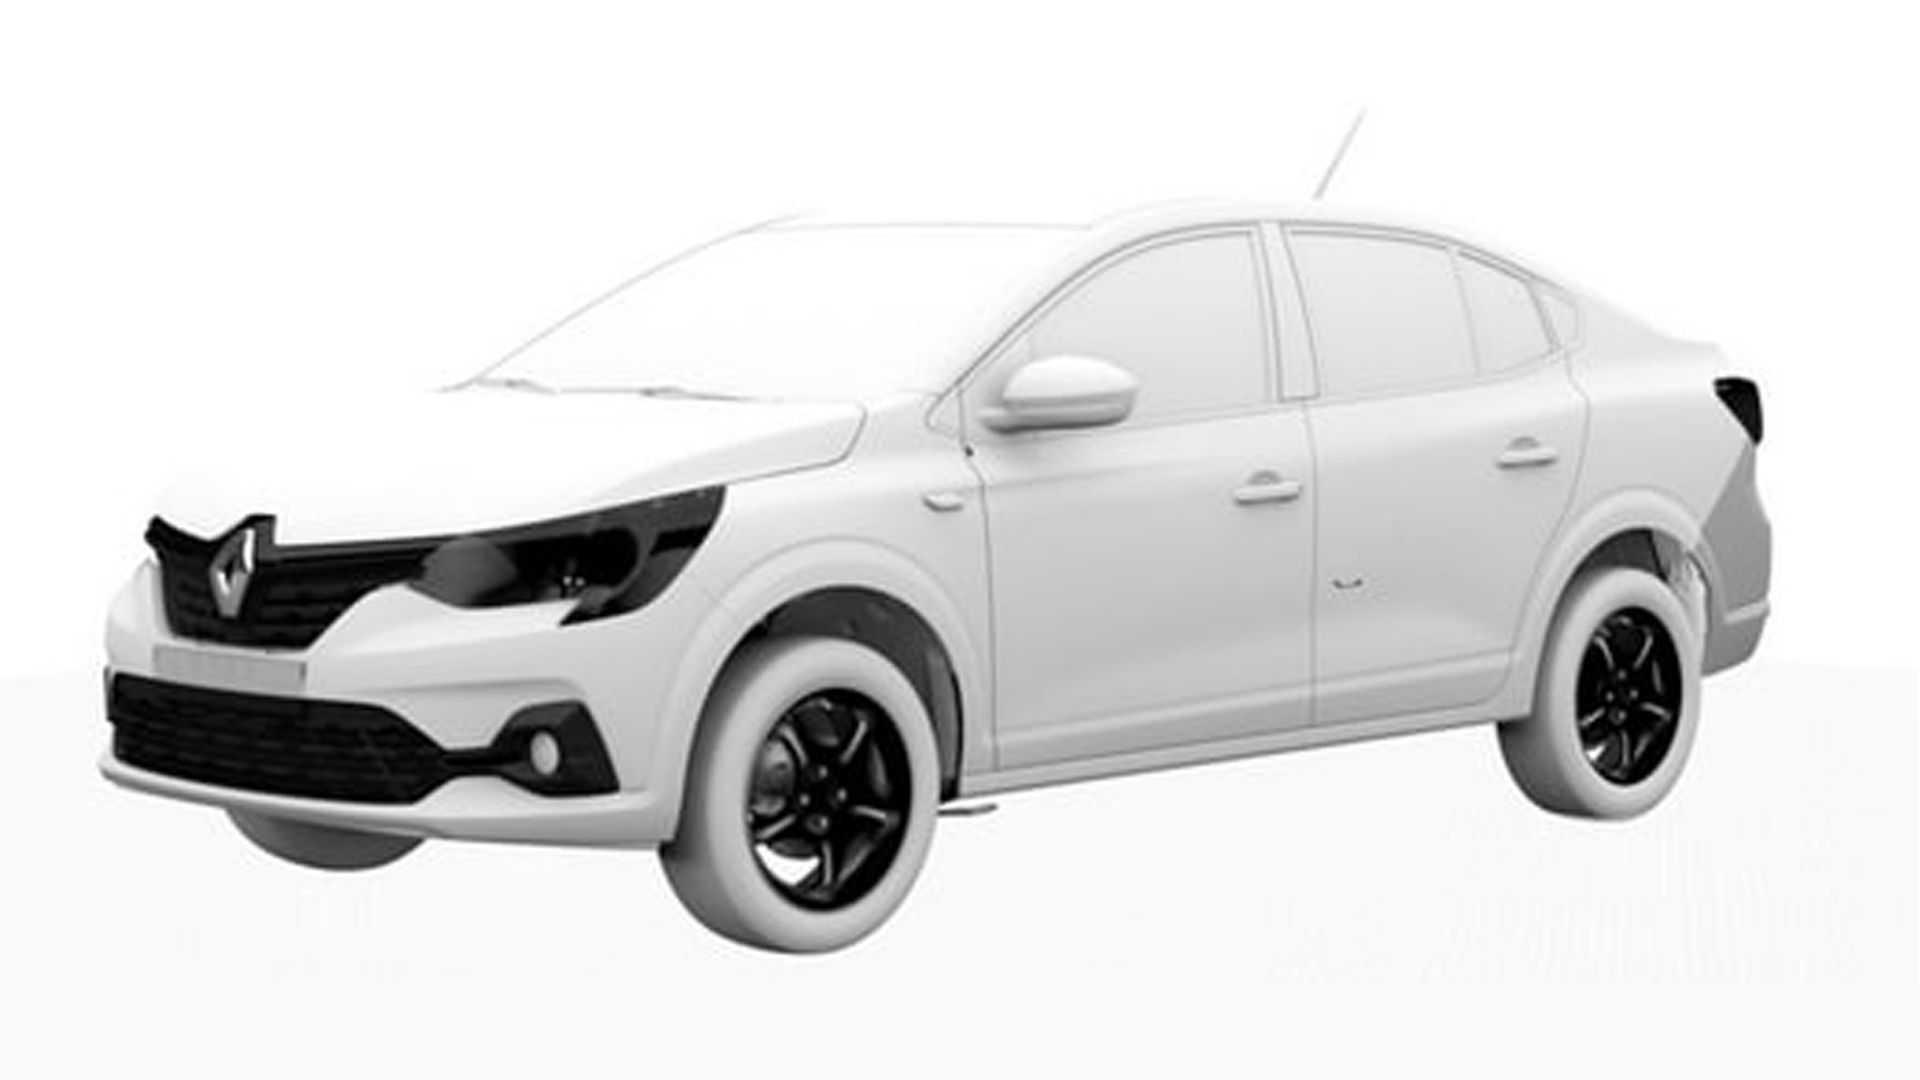 Novo Renault Logan aparece em patentes com possível novo nome